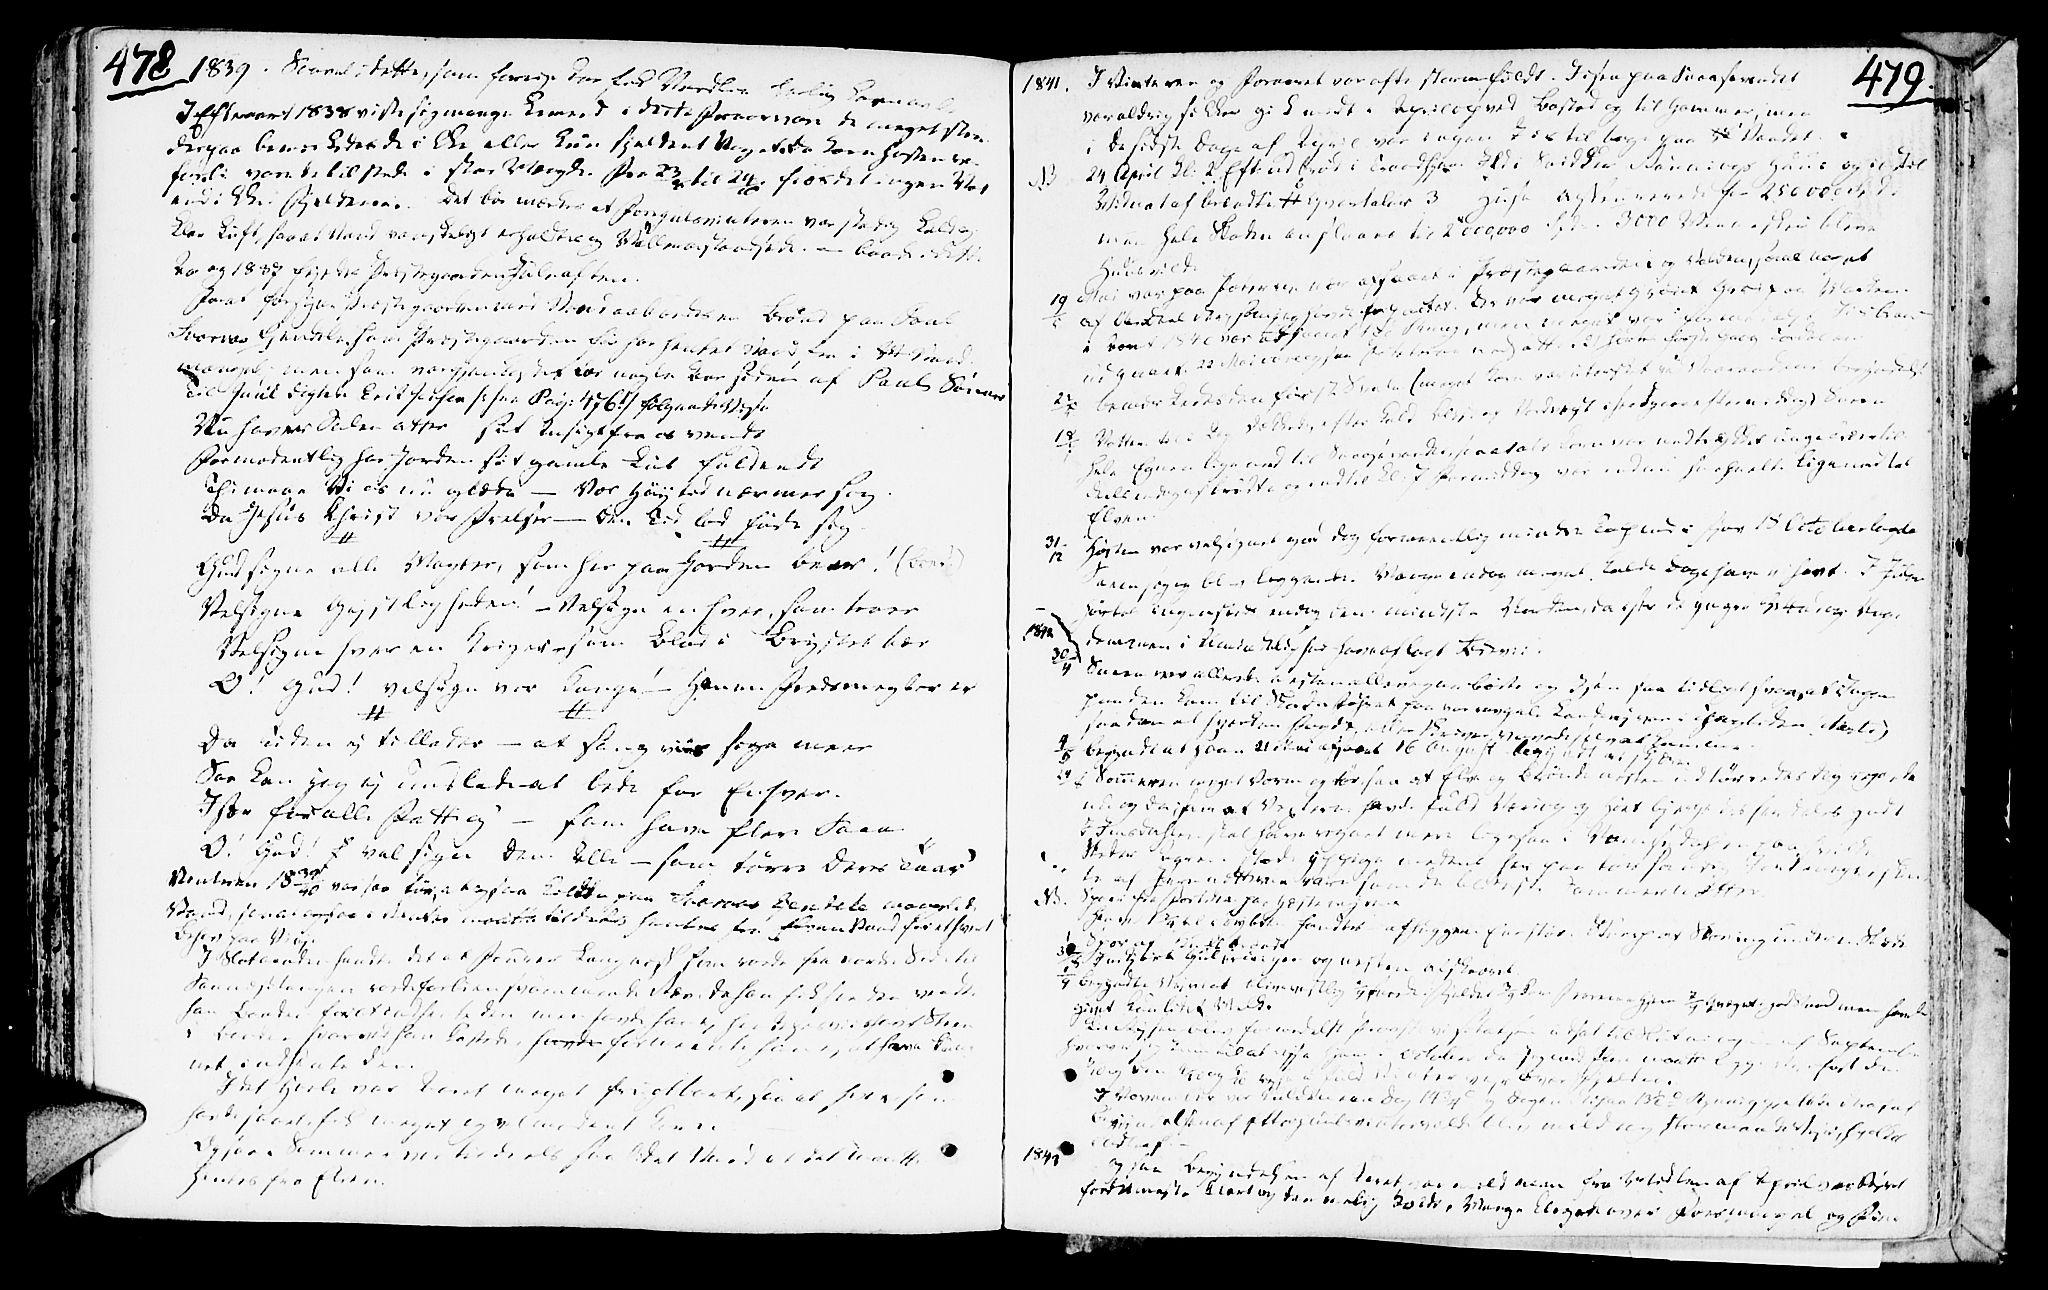 SAT, Ministerialprotokoller, klokkerbøker og fødselsregistre - Nord-Trøndelag, 749/L0468: Ministerialbok nr. 749A02, 1787-1817, s. 478-479